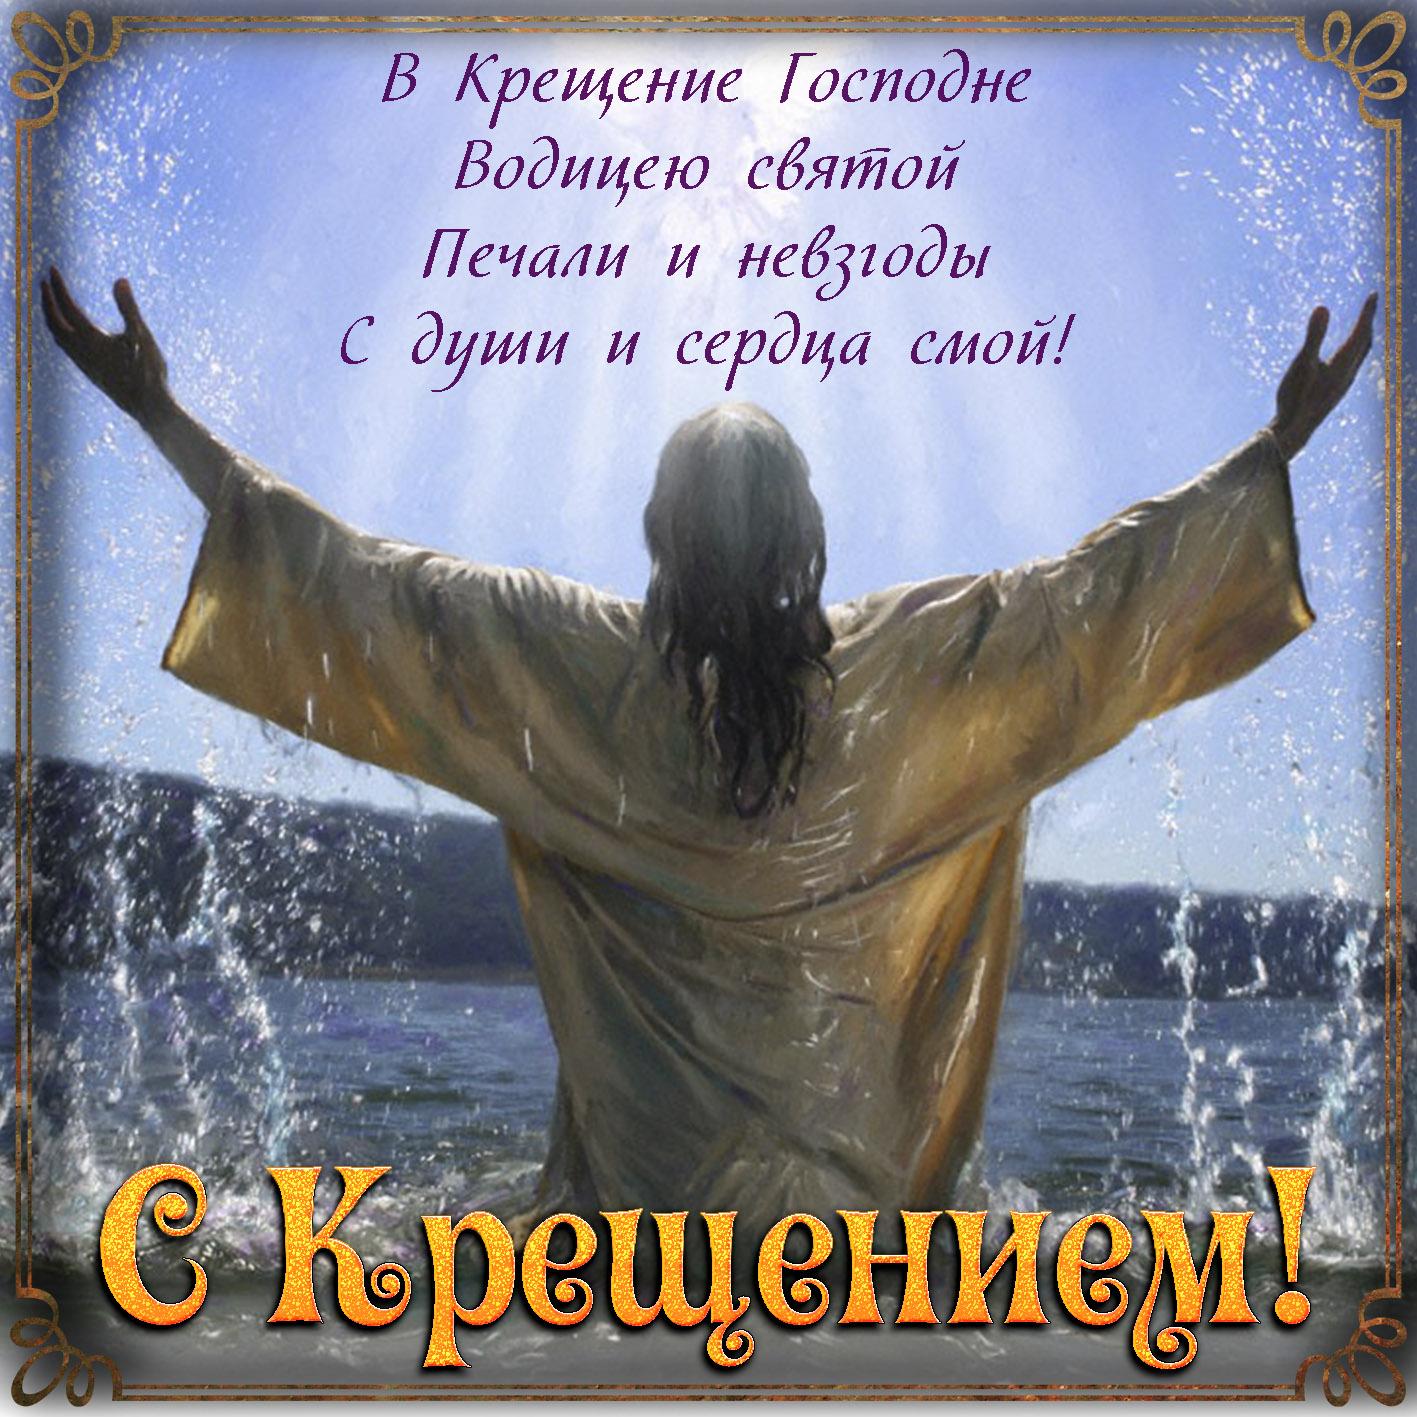 Водное крещение открытка, девушки пантерами открытки